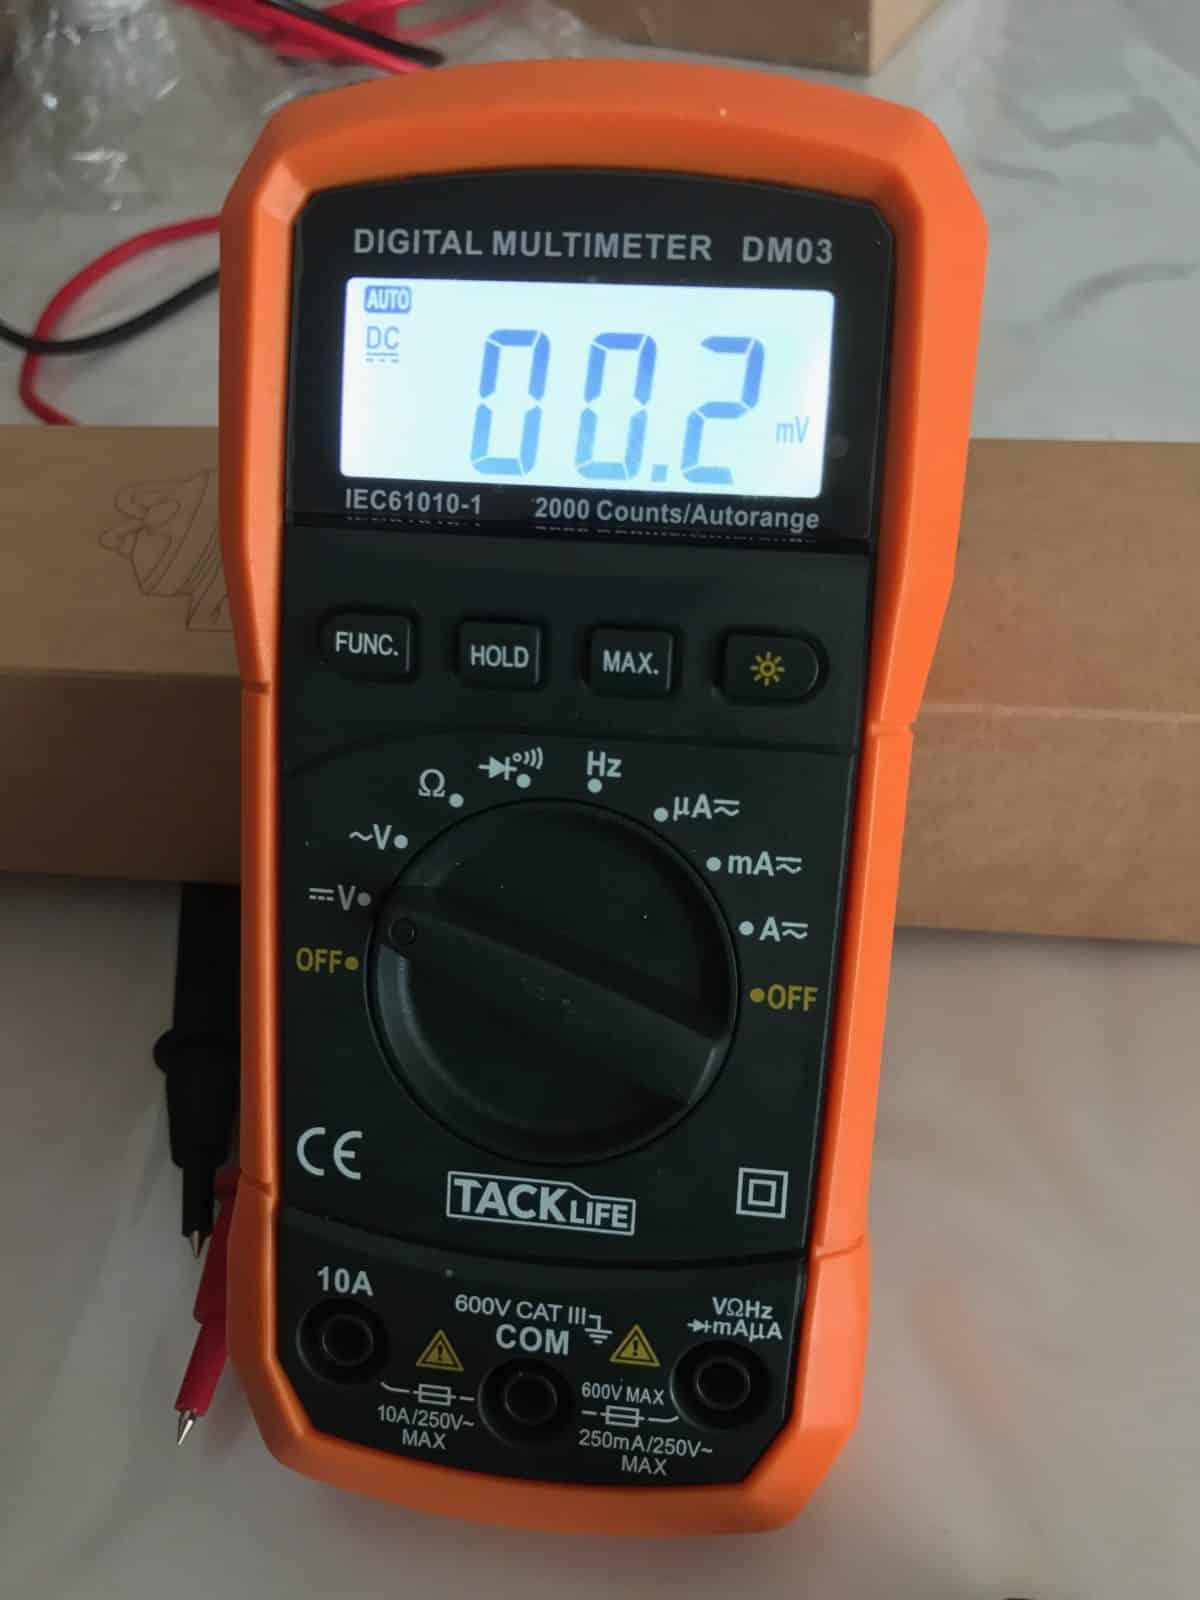 rétro-éclairage du multimètre numérique